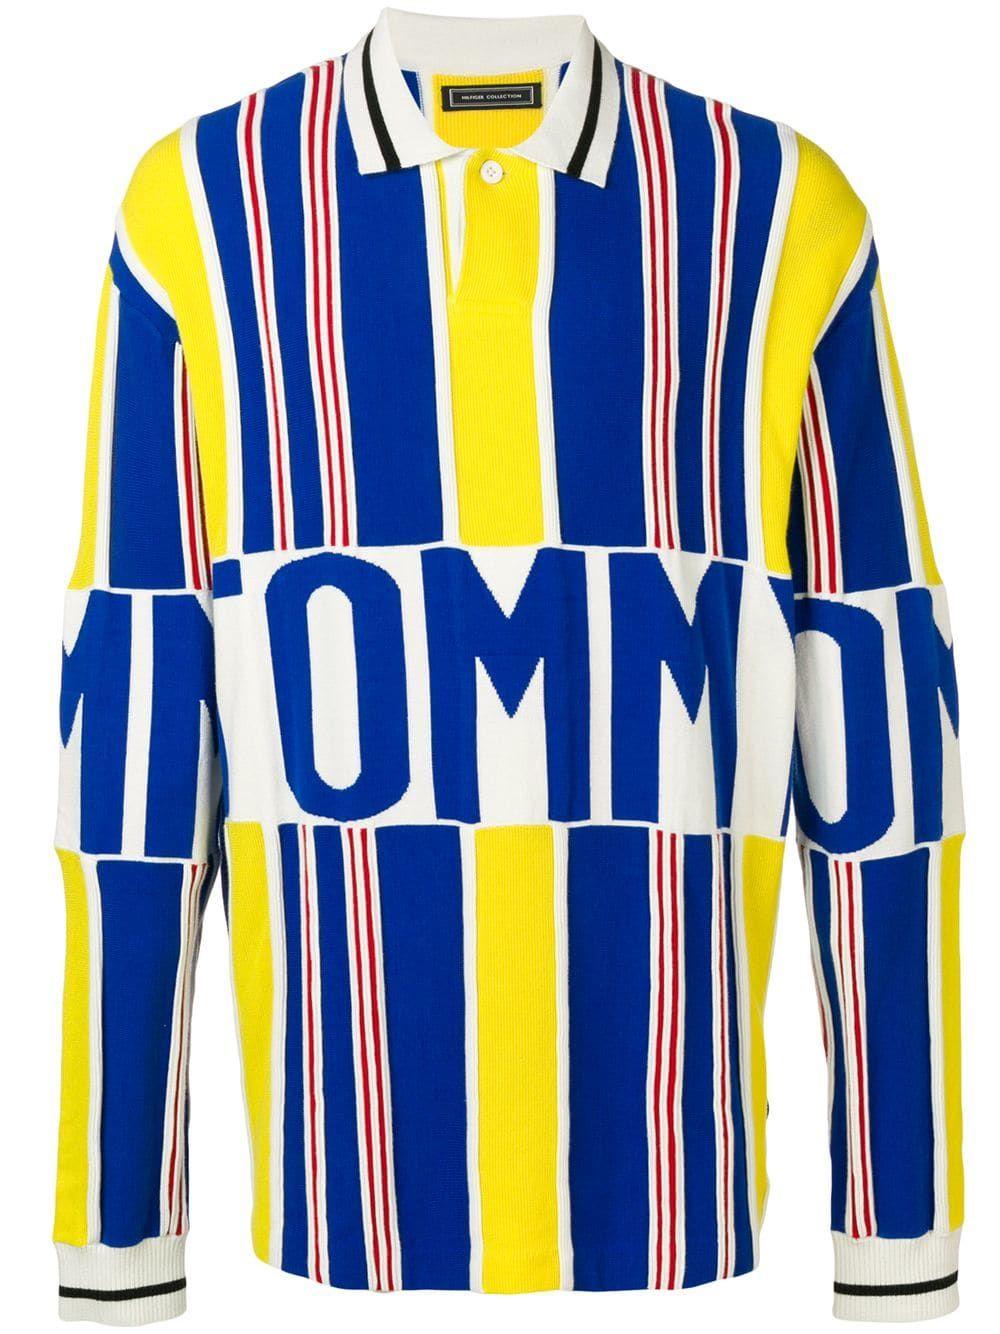 Details about Vintage 90's Tommy Hilfiger Polo Colorblock Vertical Stripe Shirt Mens L Crest